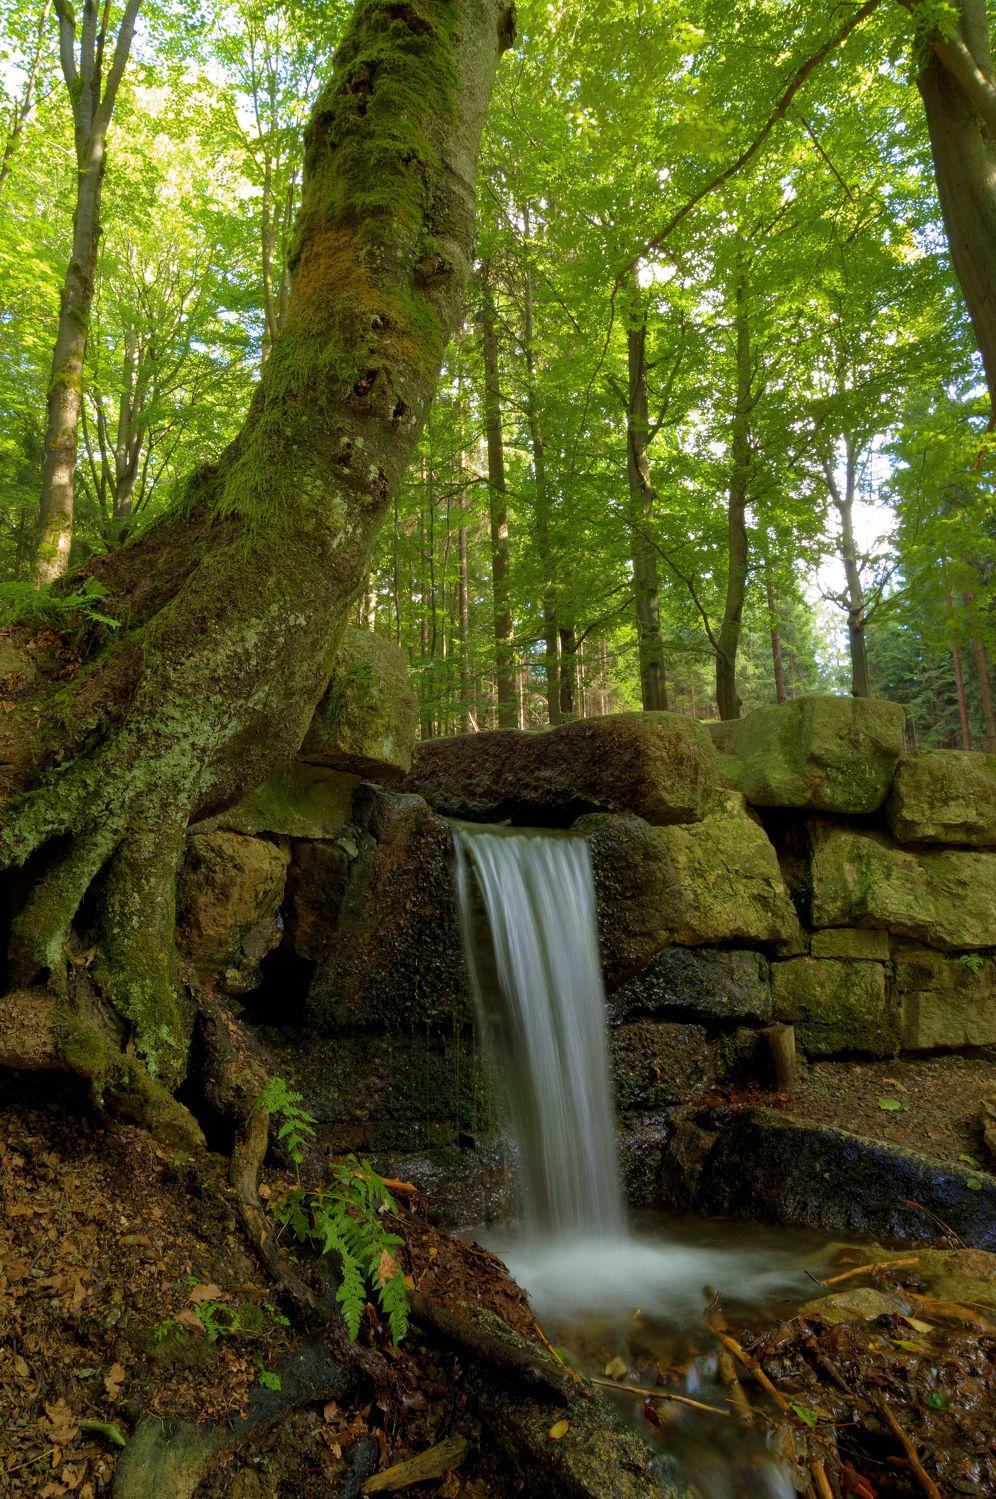 Bild mit Natur, Wasser, Landschaften, Herbst, Wald, Landschaft, Natur und Landschaft, Gebirge